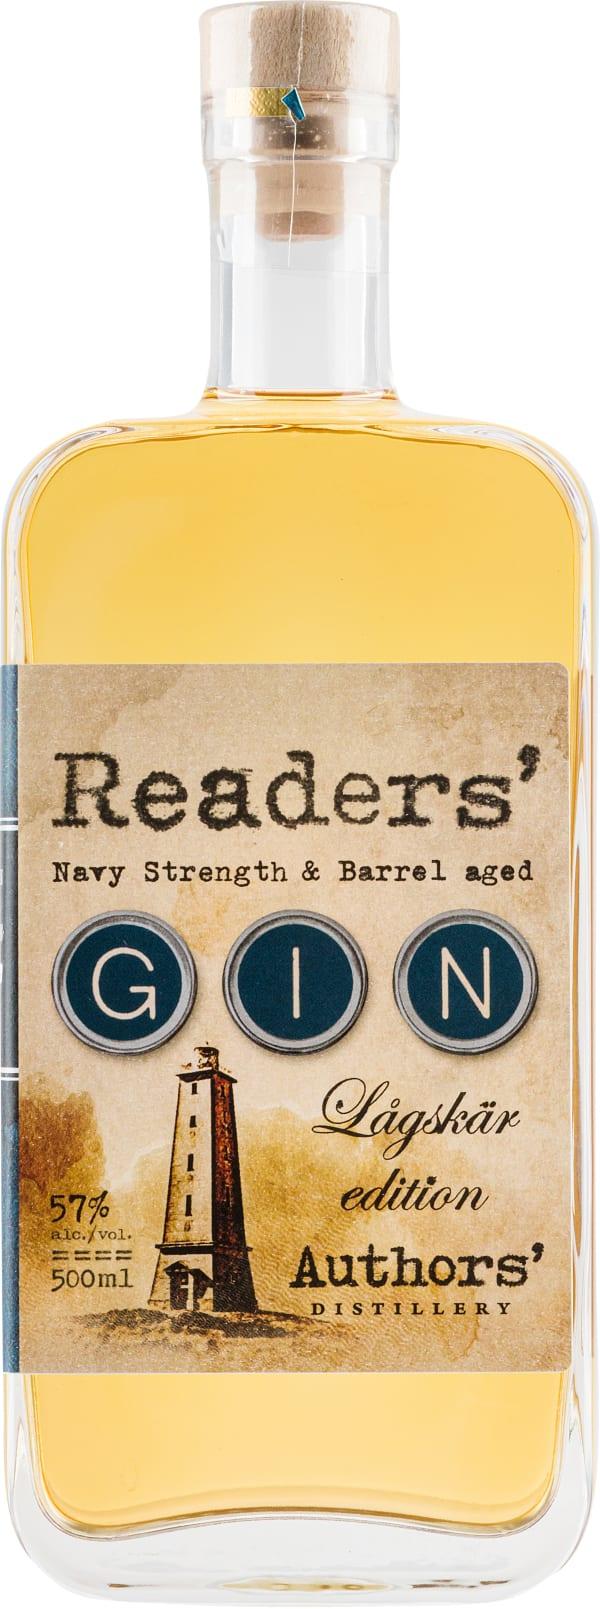 Readers´ Gin Lågskär Edition Navy Strength & Barrel Aged